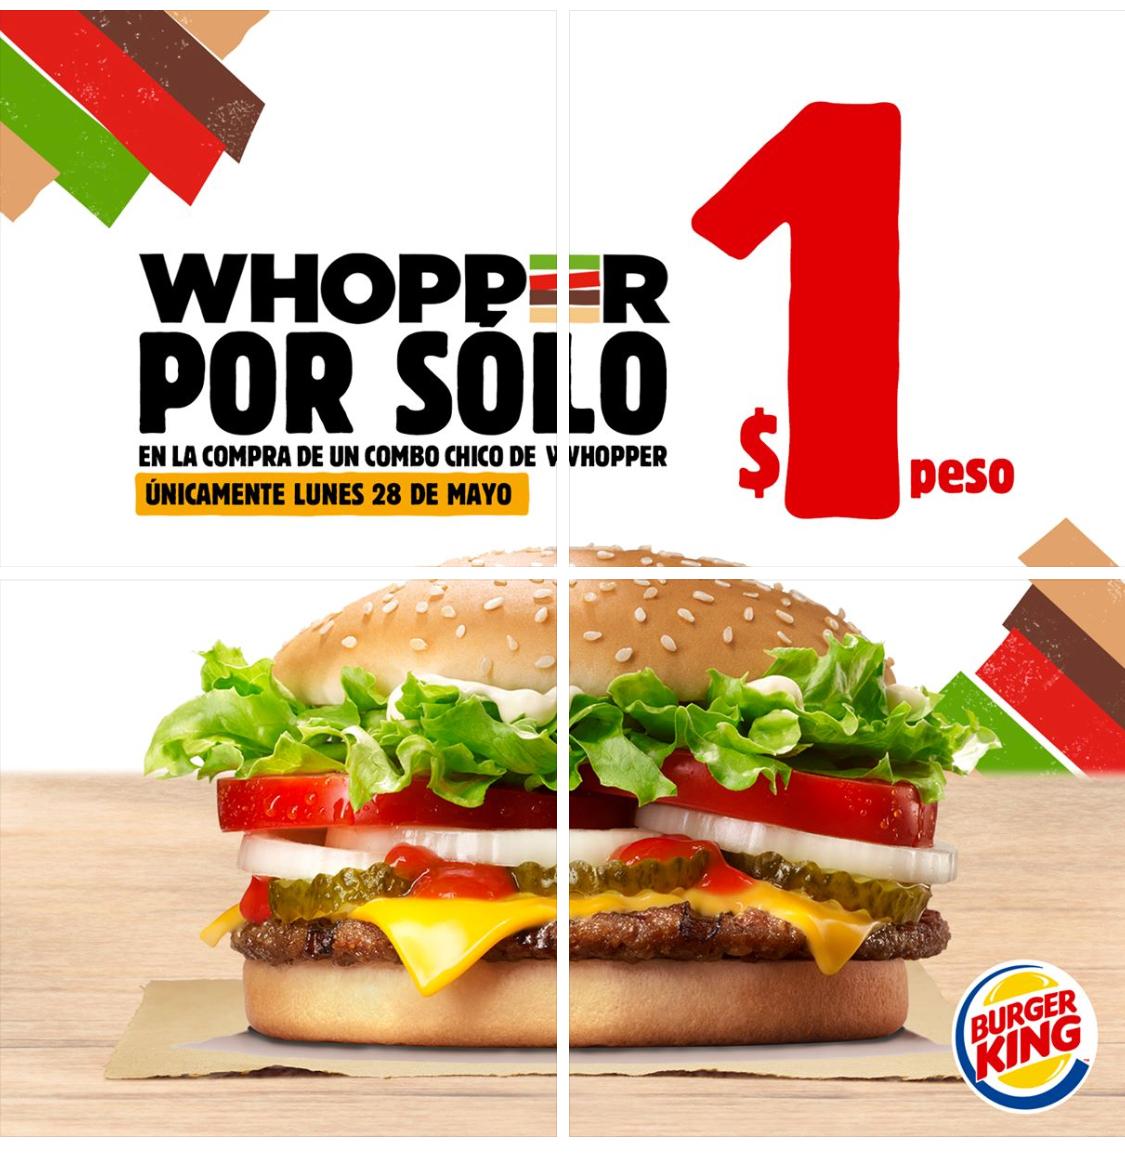 Burger King: Whopper con queso a $1 en la compra de un combo chico el 28 de mayo